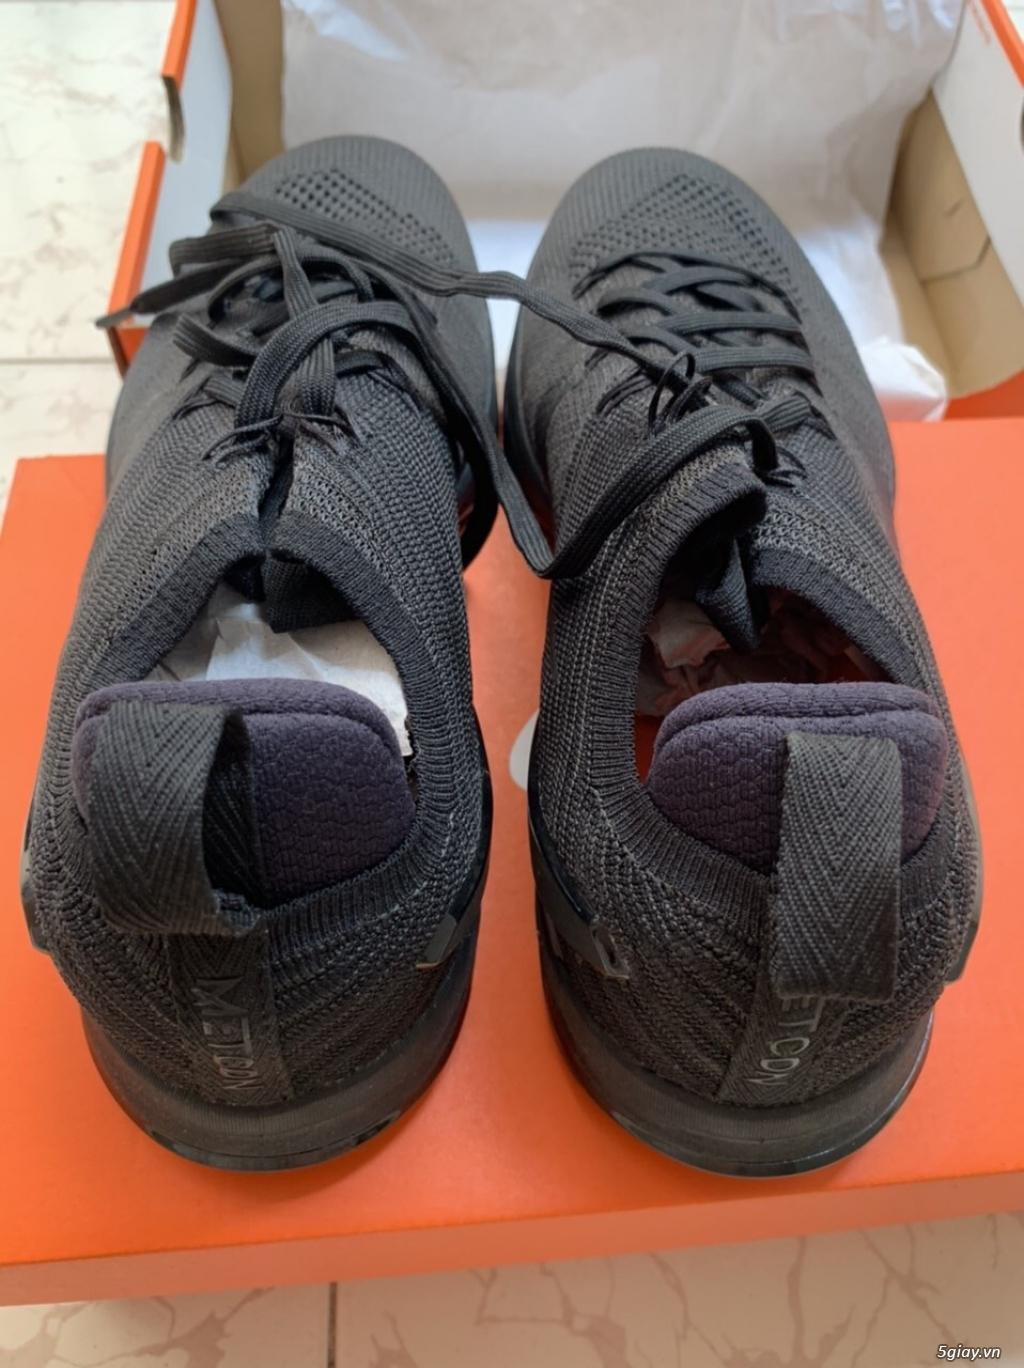 Giảm giá giày Nike xách tay từ mỹ - 1